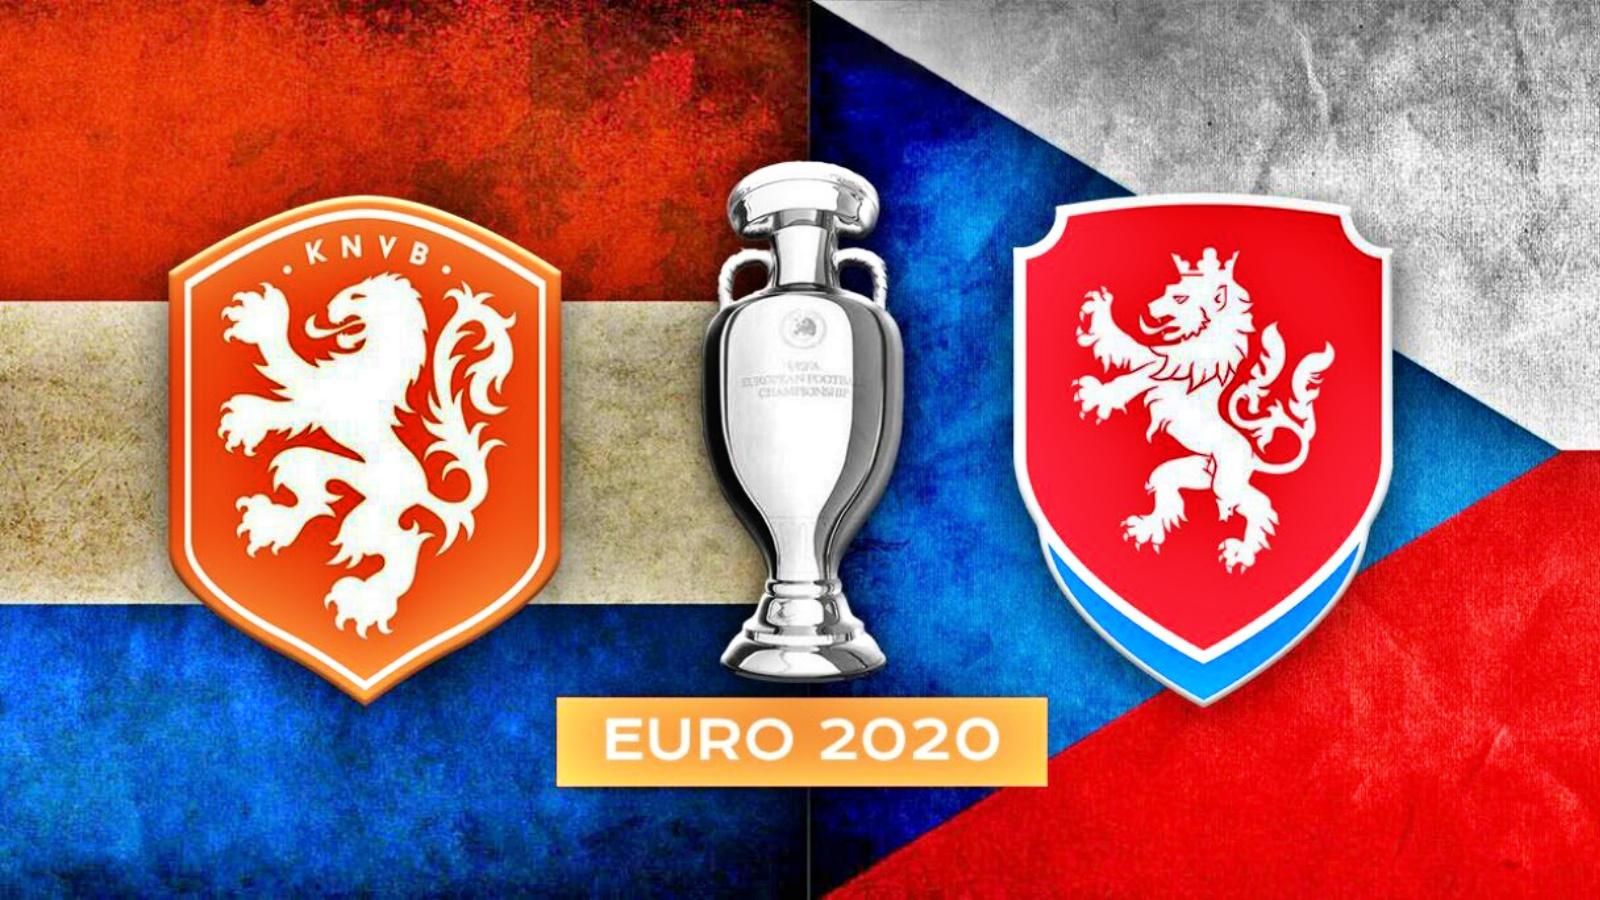 OLANDA - CEHIA LIVE PRO TV EURO 2020